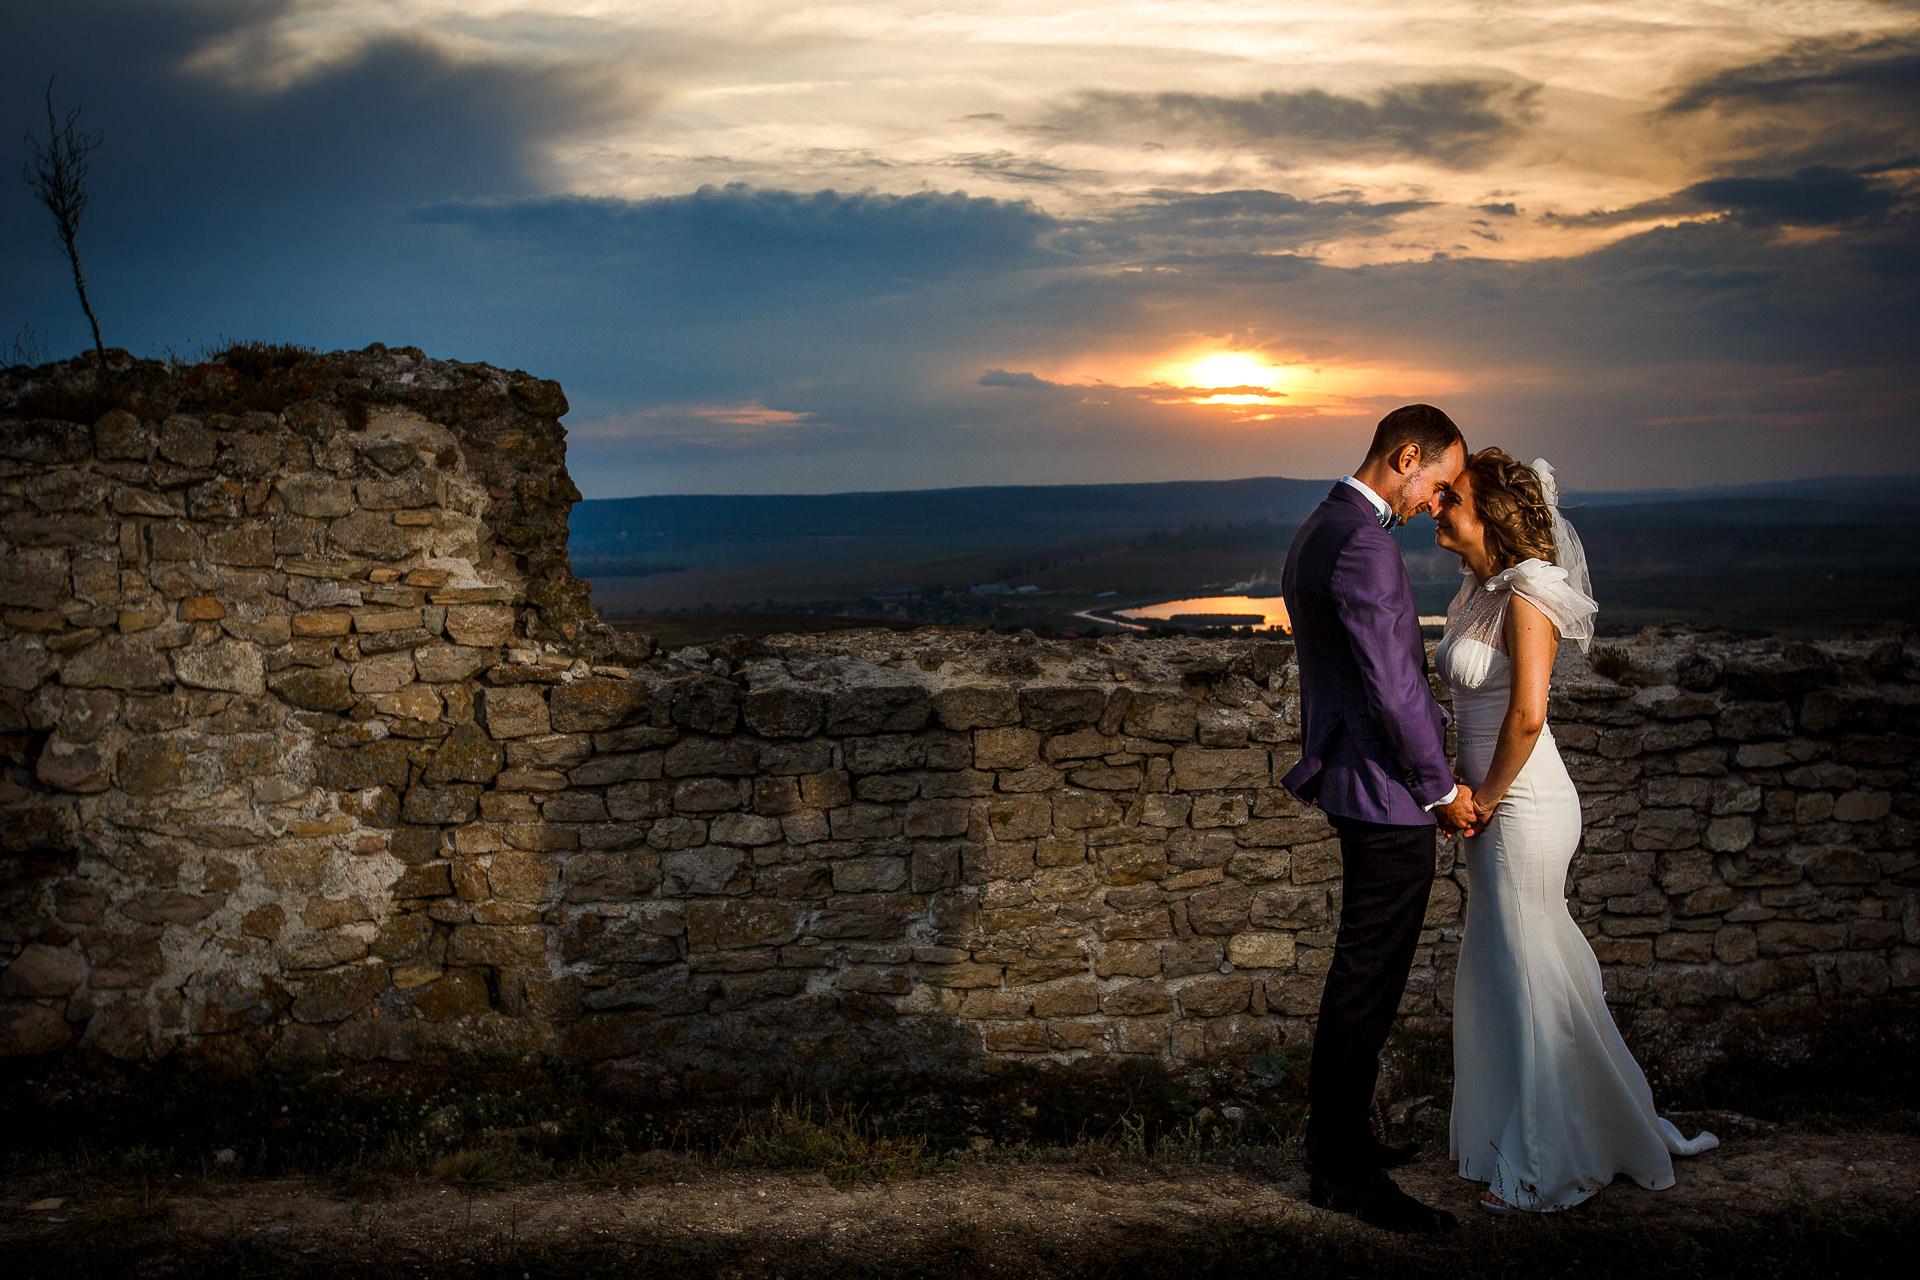 Şedinţă foto Trash The Dress - după nuntă la Cetatea Enisala, Tulcea - România - cu Mihaela şi Octavian - Mihai Zaharia Photography - 20